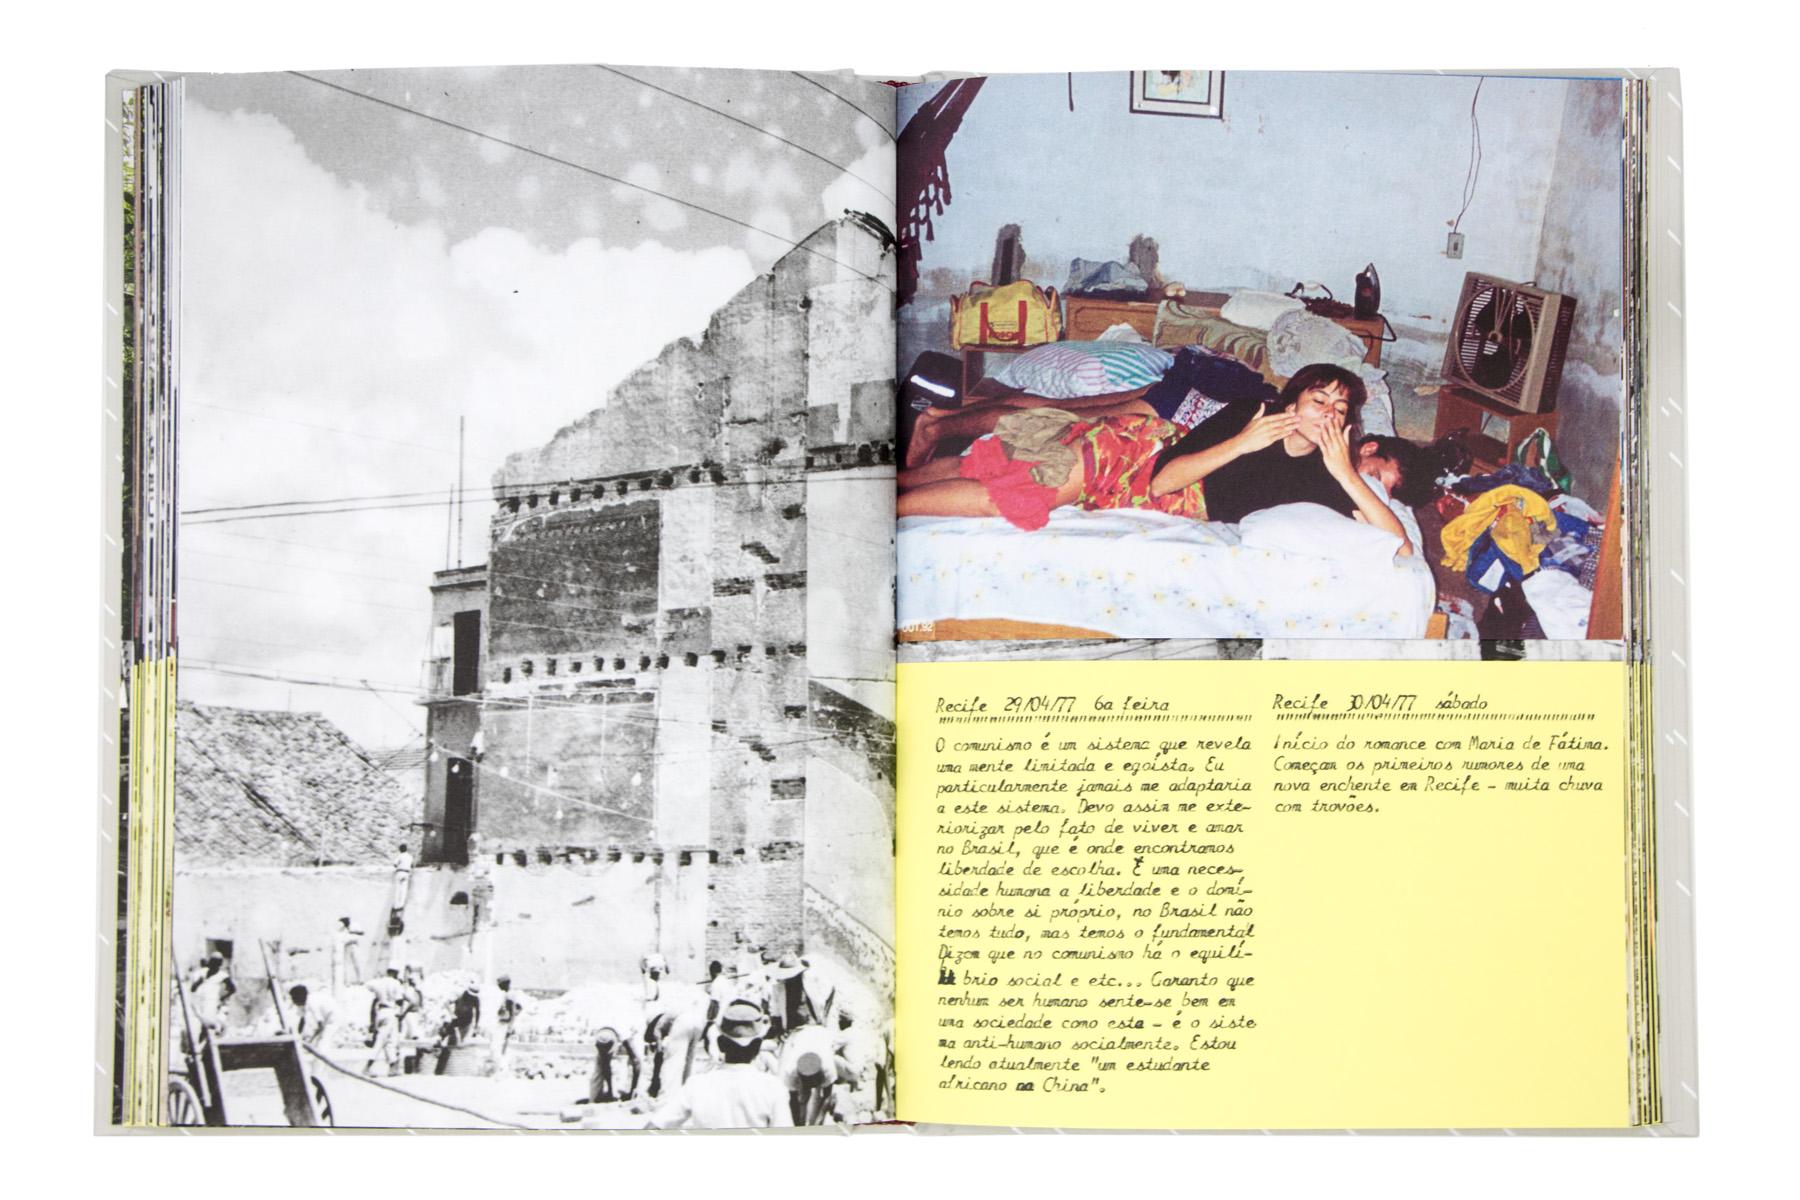 Recife 30/04/77 domingo Início do romance com Maria de Fátima. Começam os primeiros rumores de uma nova enchente em Recife – muita chuva com trovões.